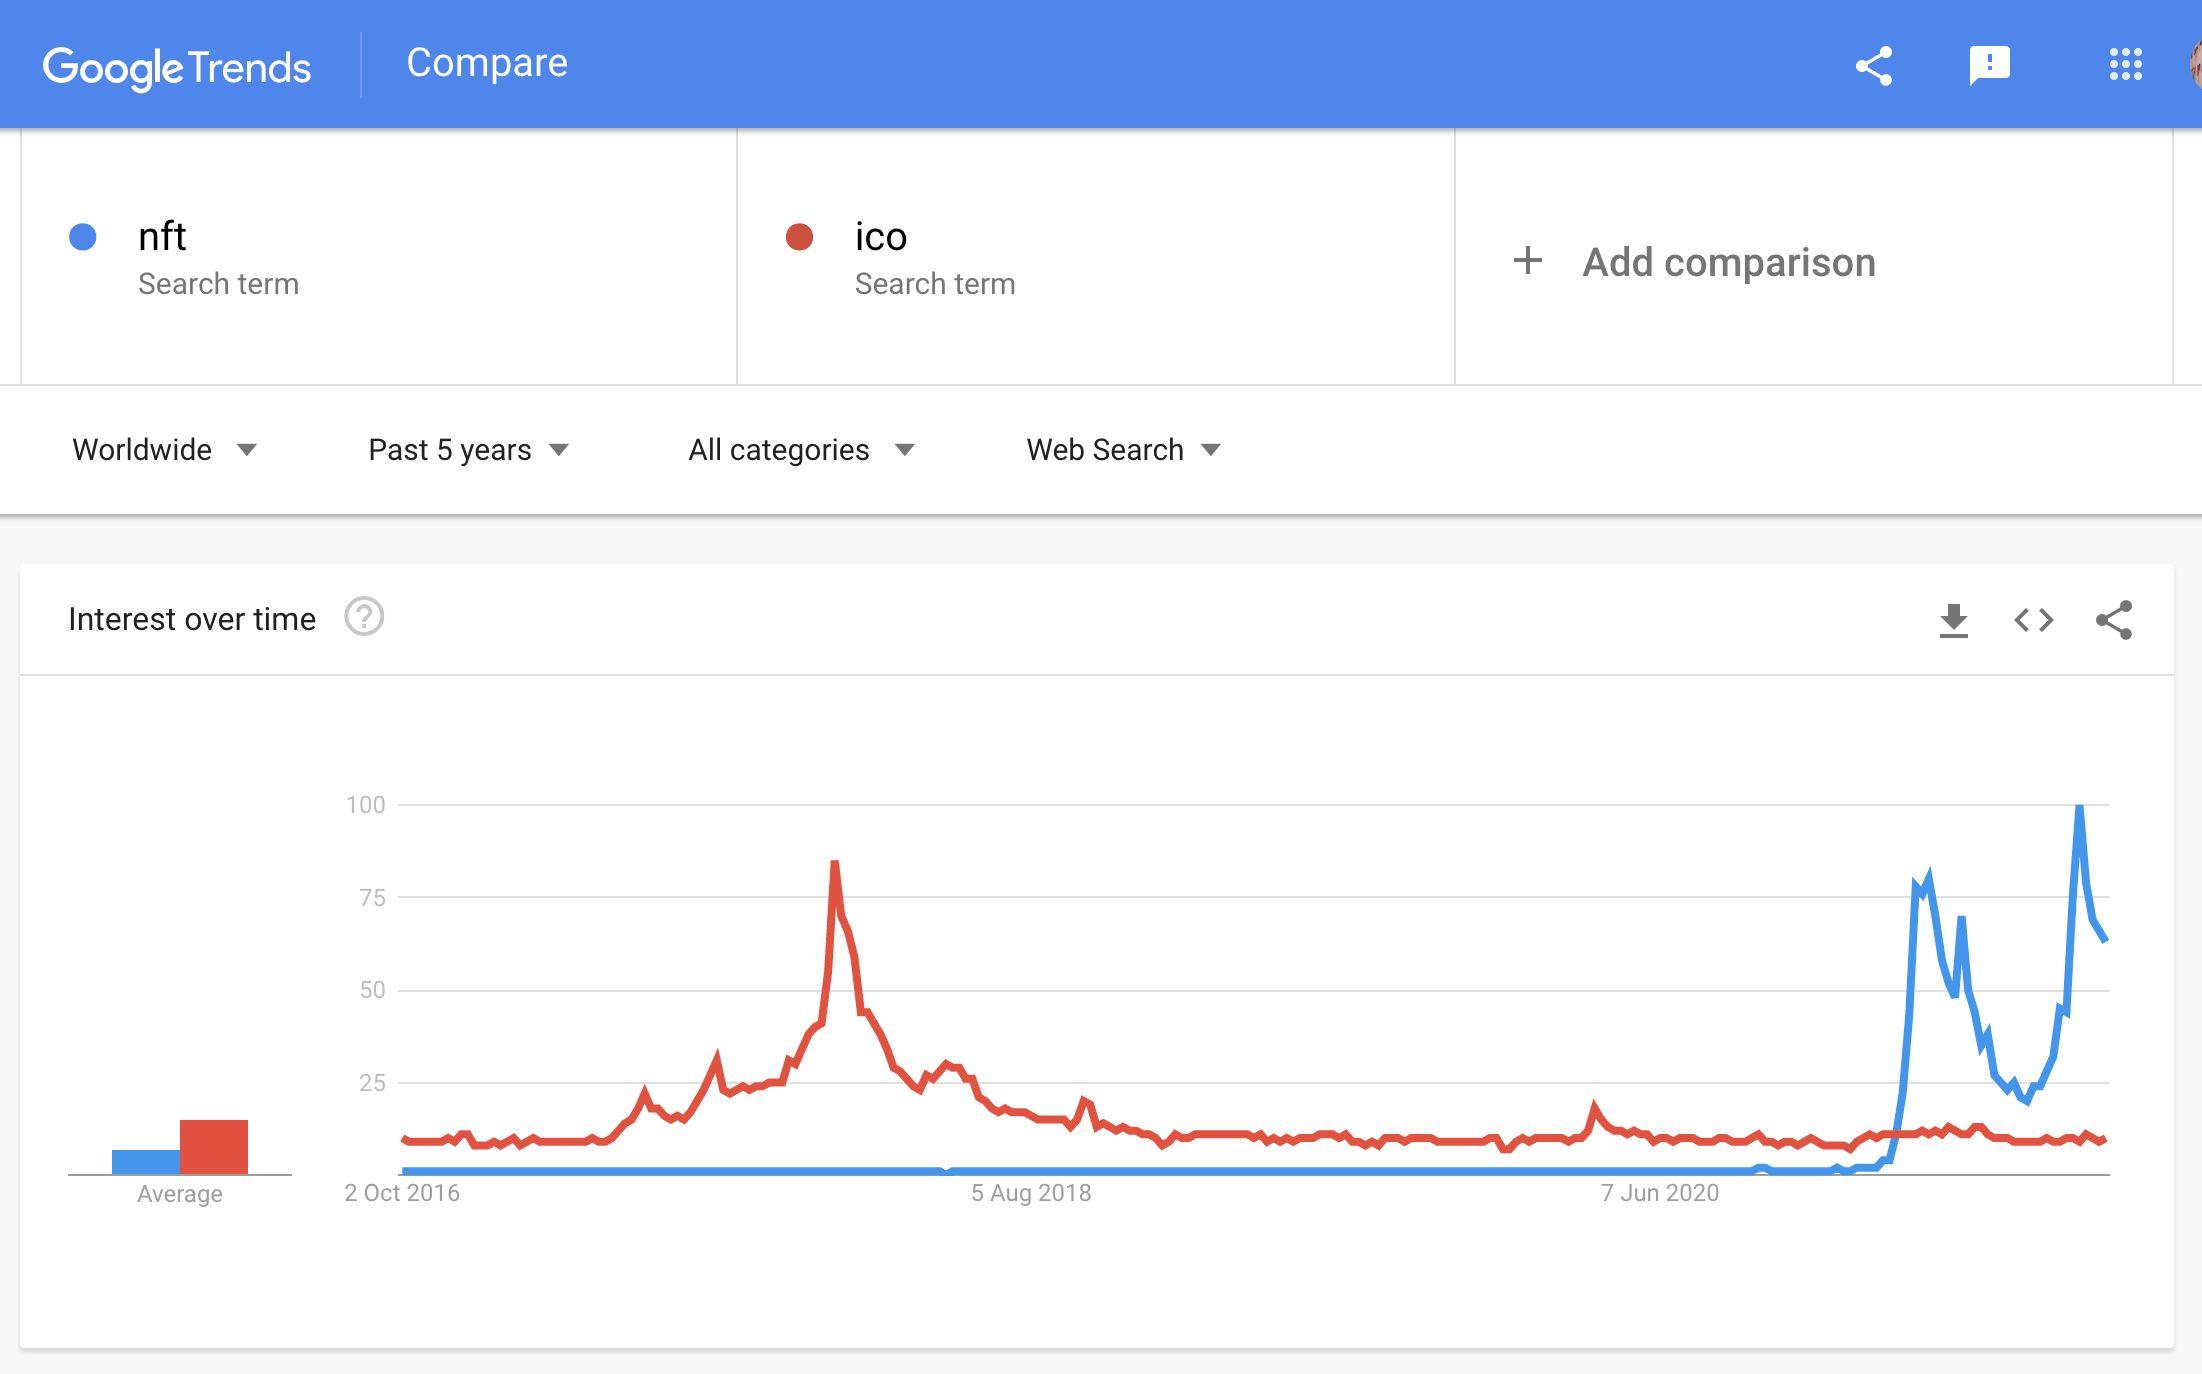 google trends nft vs ico